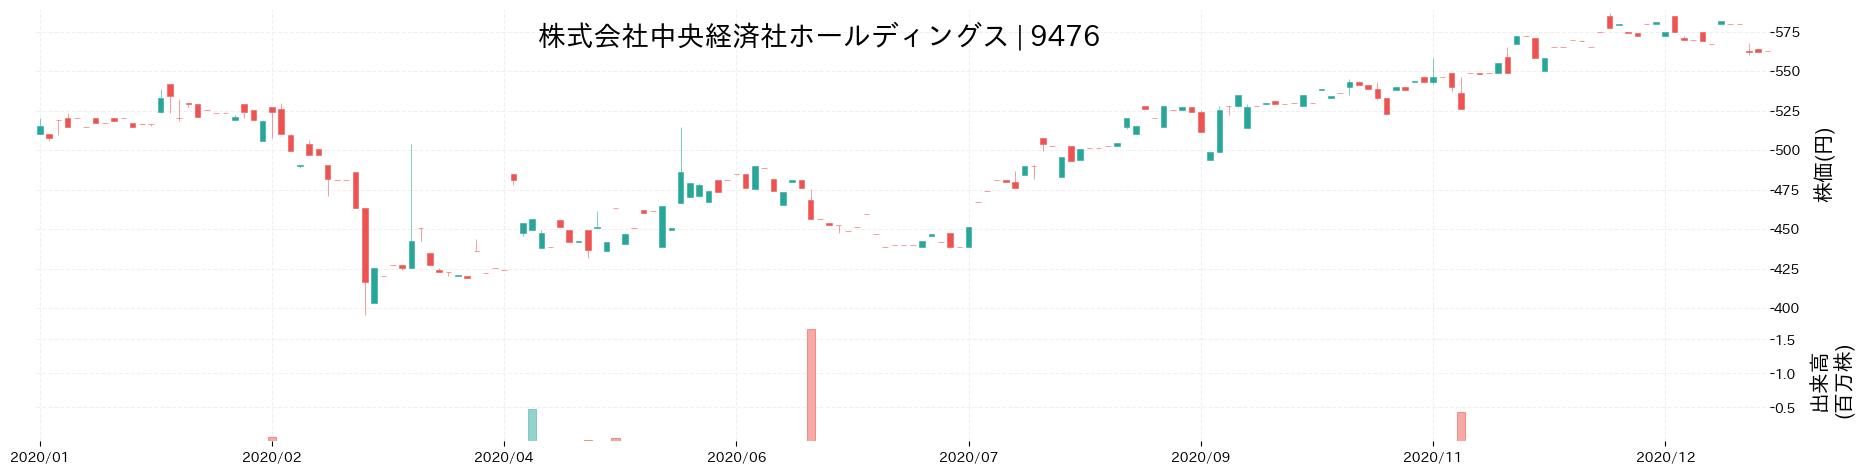 株式会社中央経済社ホールディングスの株価推移(2020)